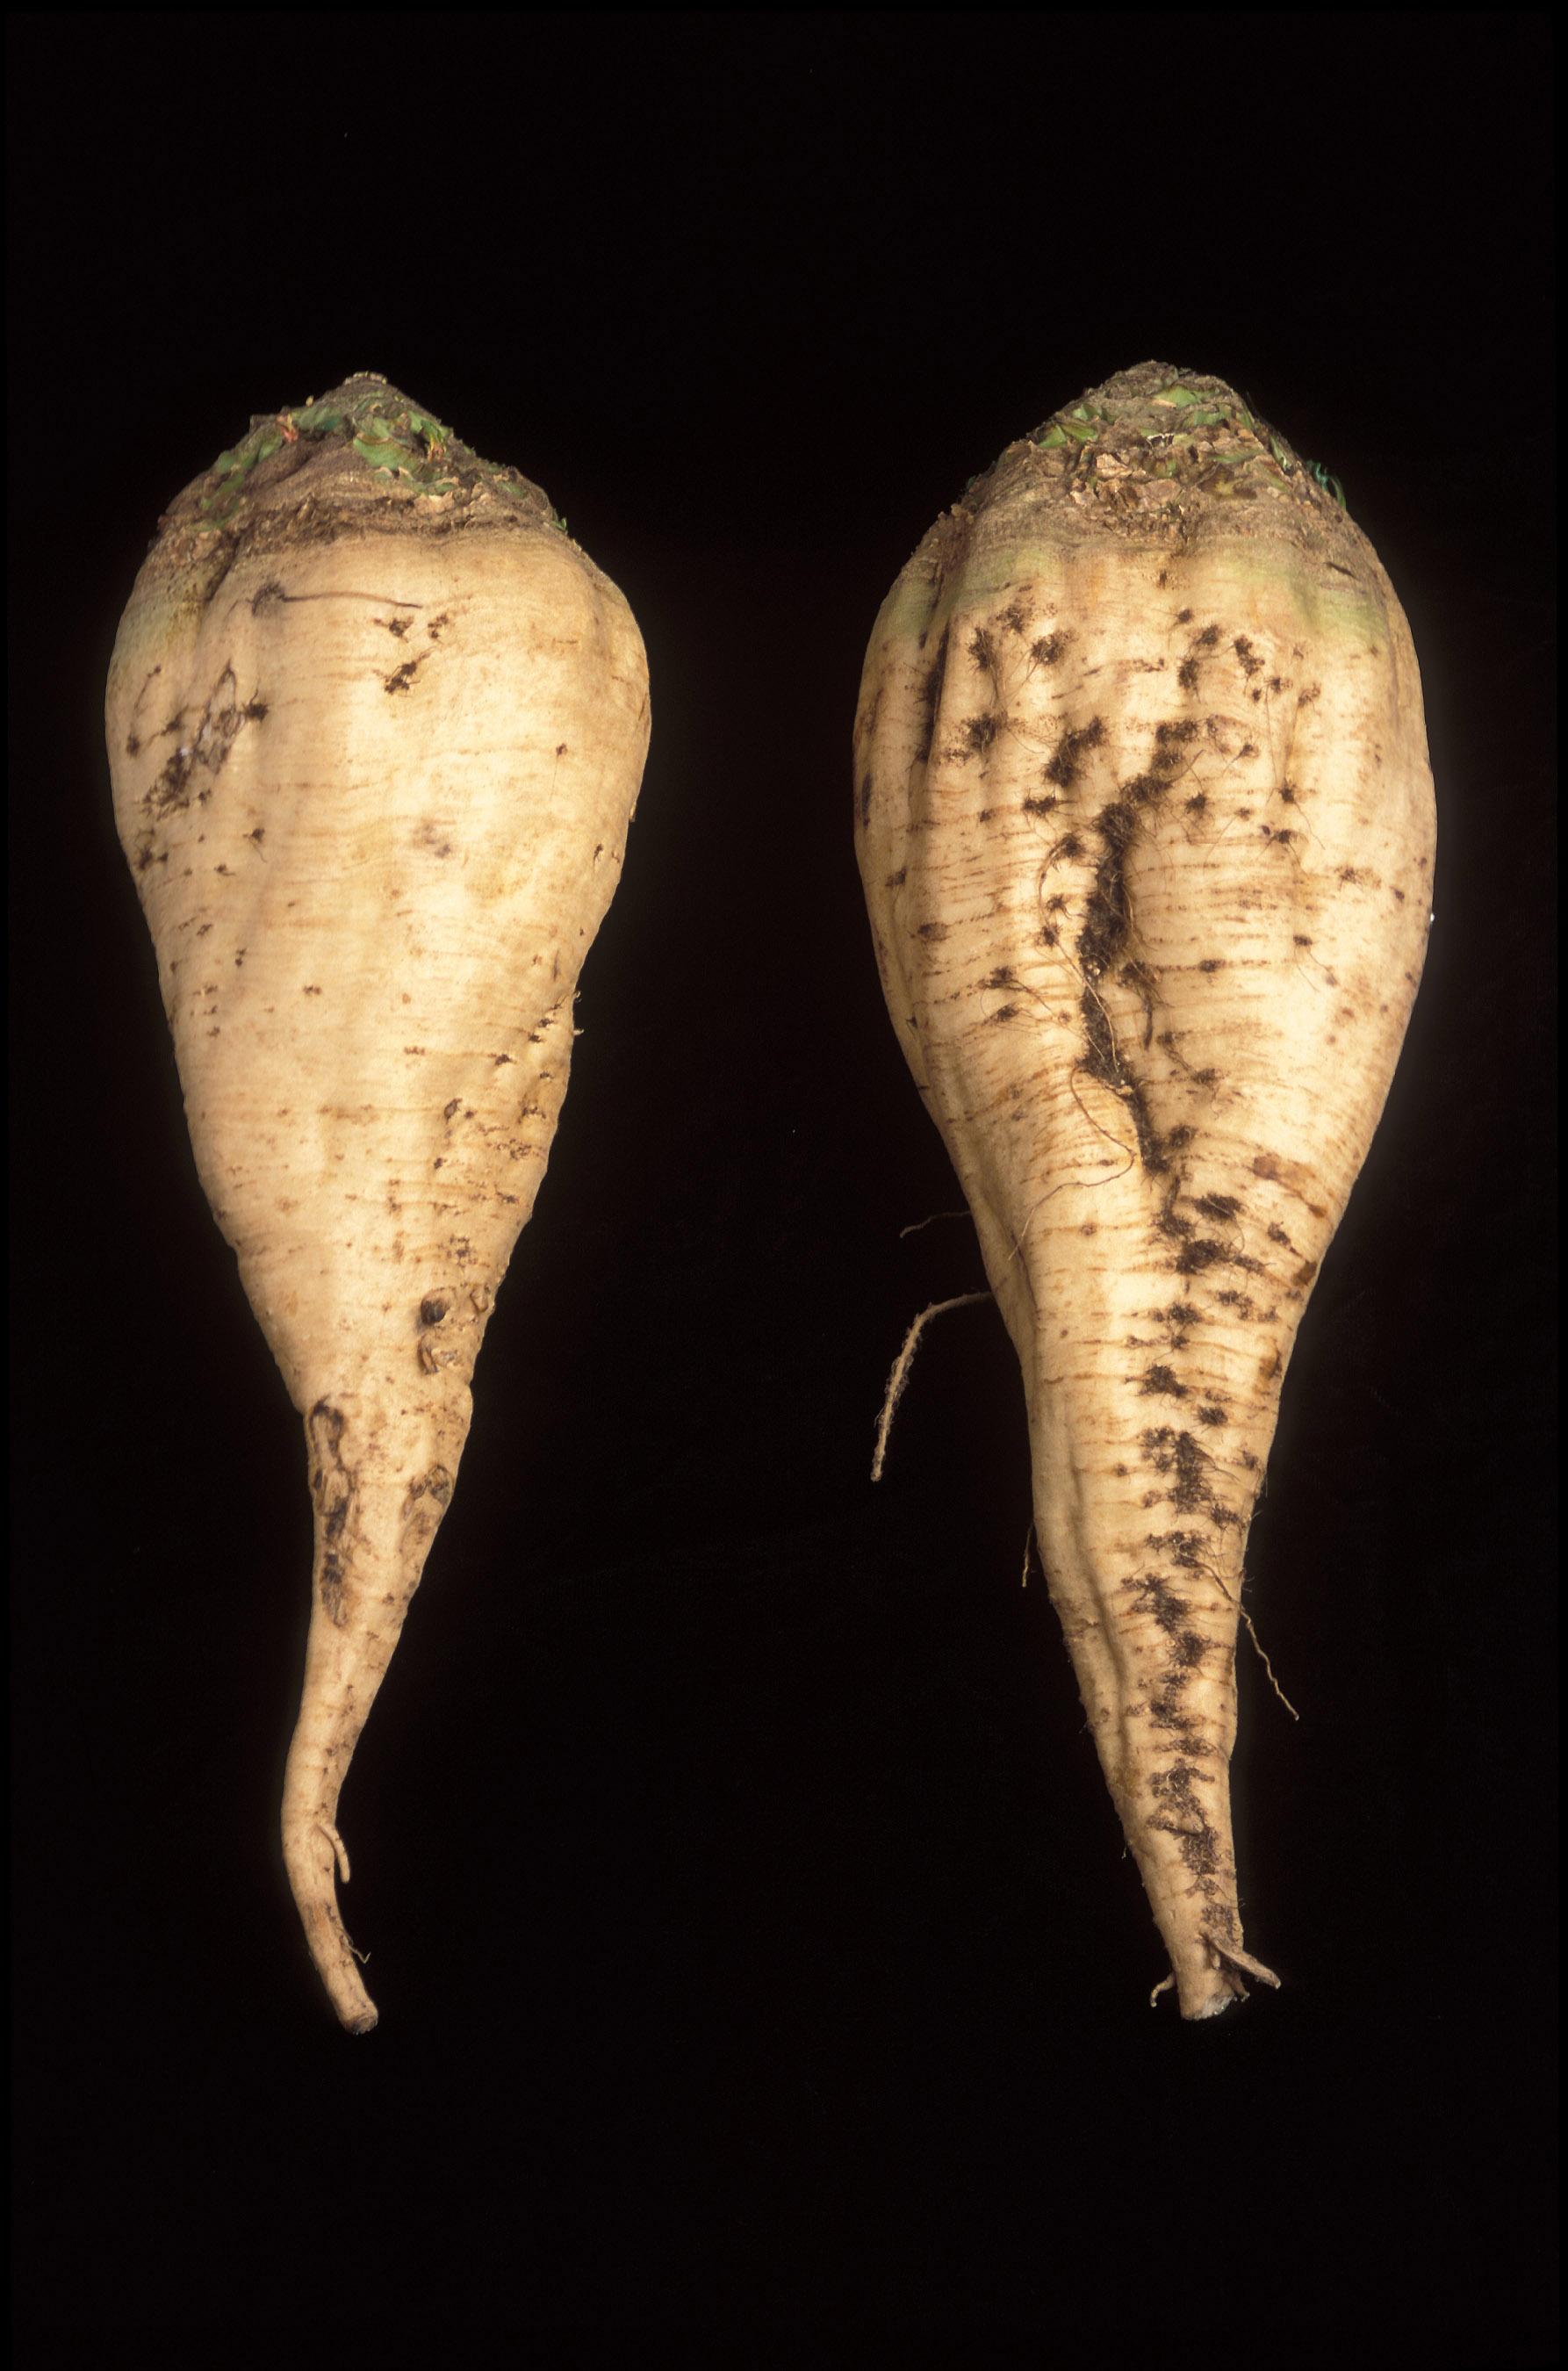 Die Zuckerrübe (Quelle: Wikipedia)